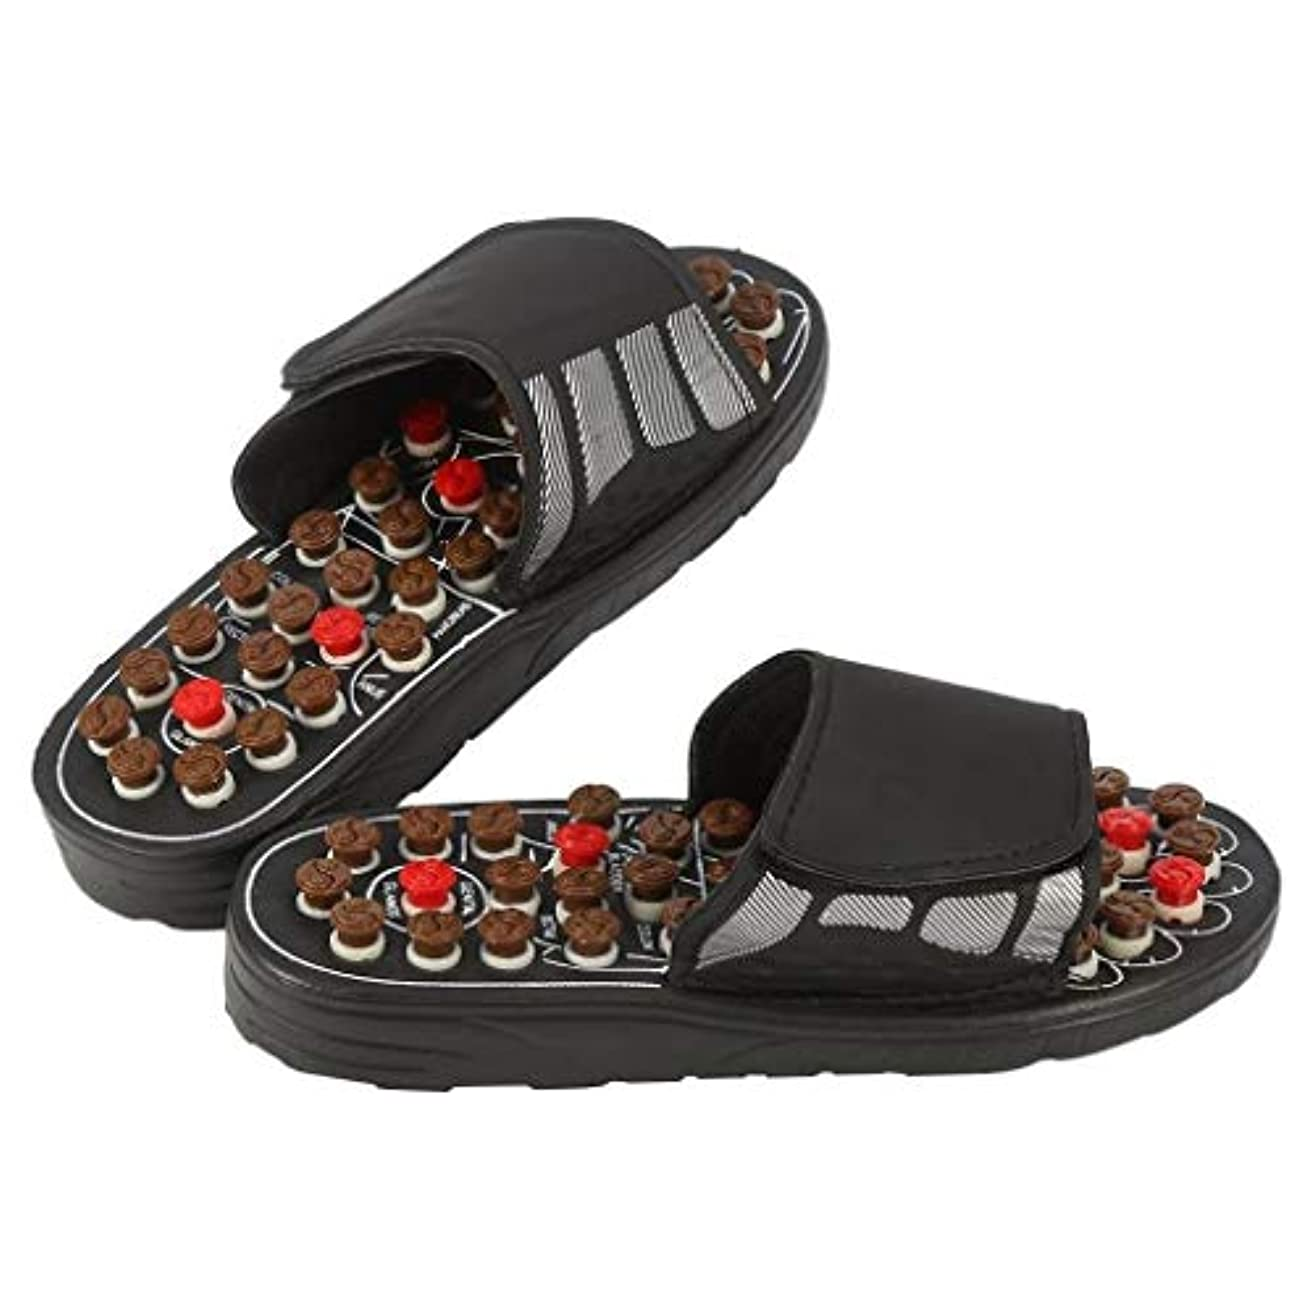 サンプル結婚した経験的磁気マッサージインソール、指圧靴マッサージ効果インソール健康足医療援助足リフレクソロジーは、血液循環疲労を促進します (Color : 黒, Size : 40-41)